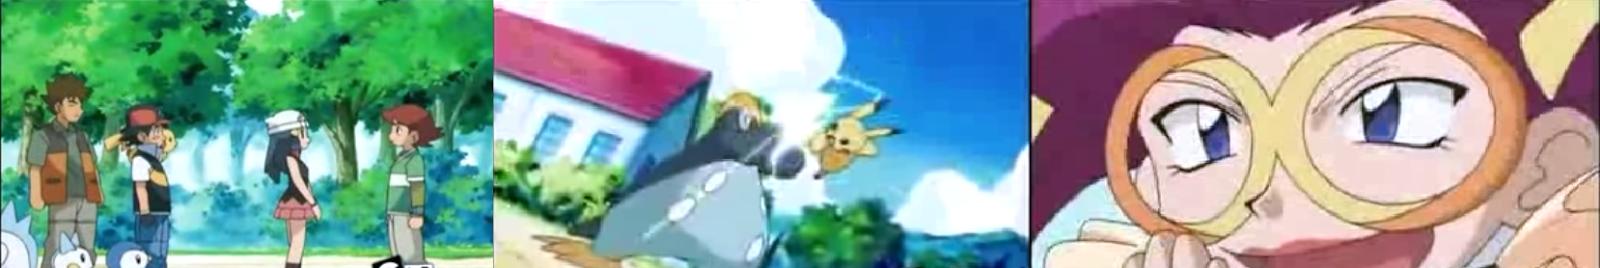 Pokemon Capitulo 26 Temporada 10 Nervios De Concurso